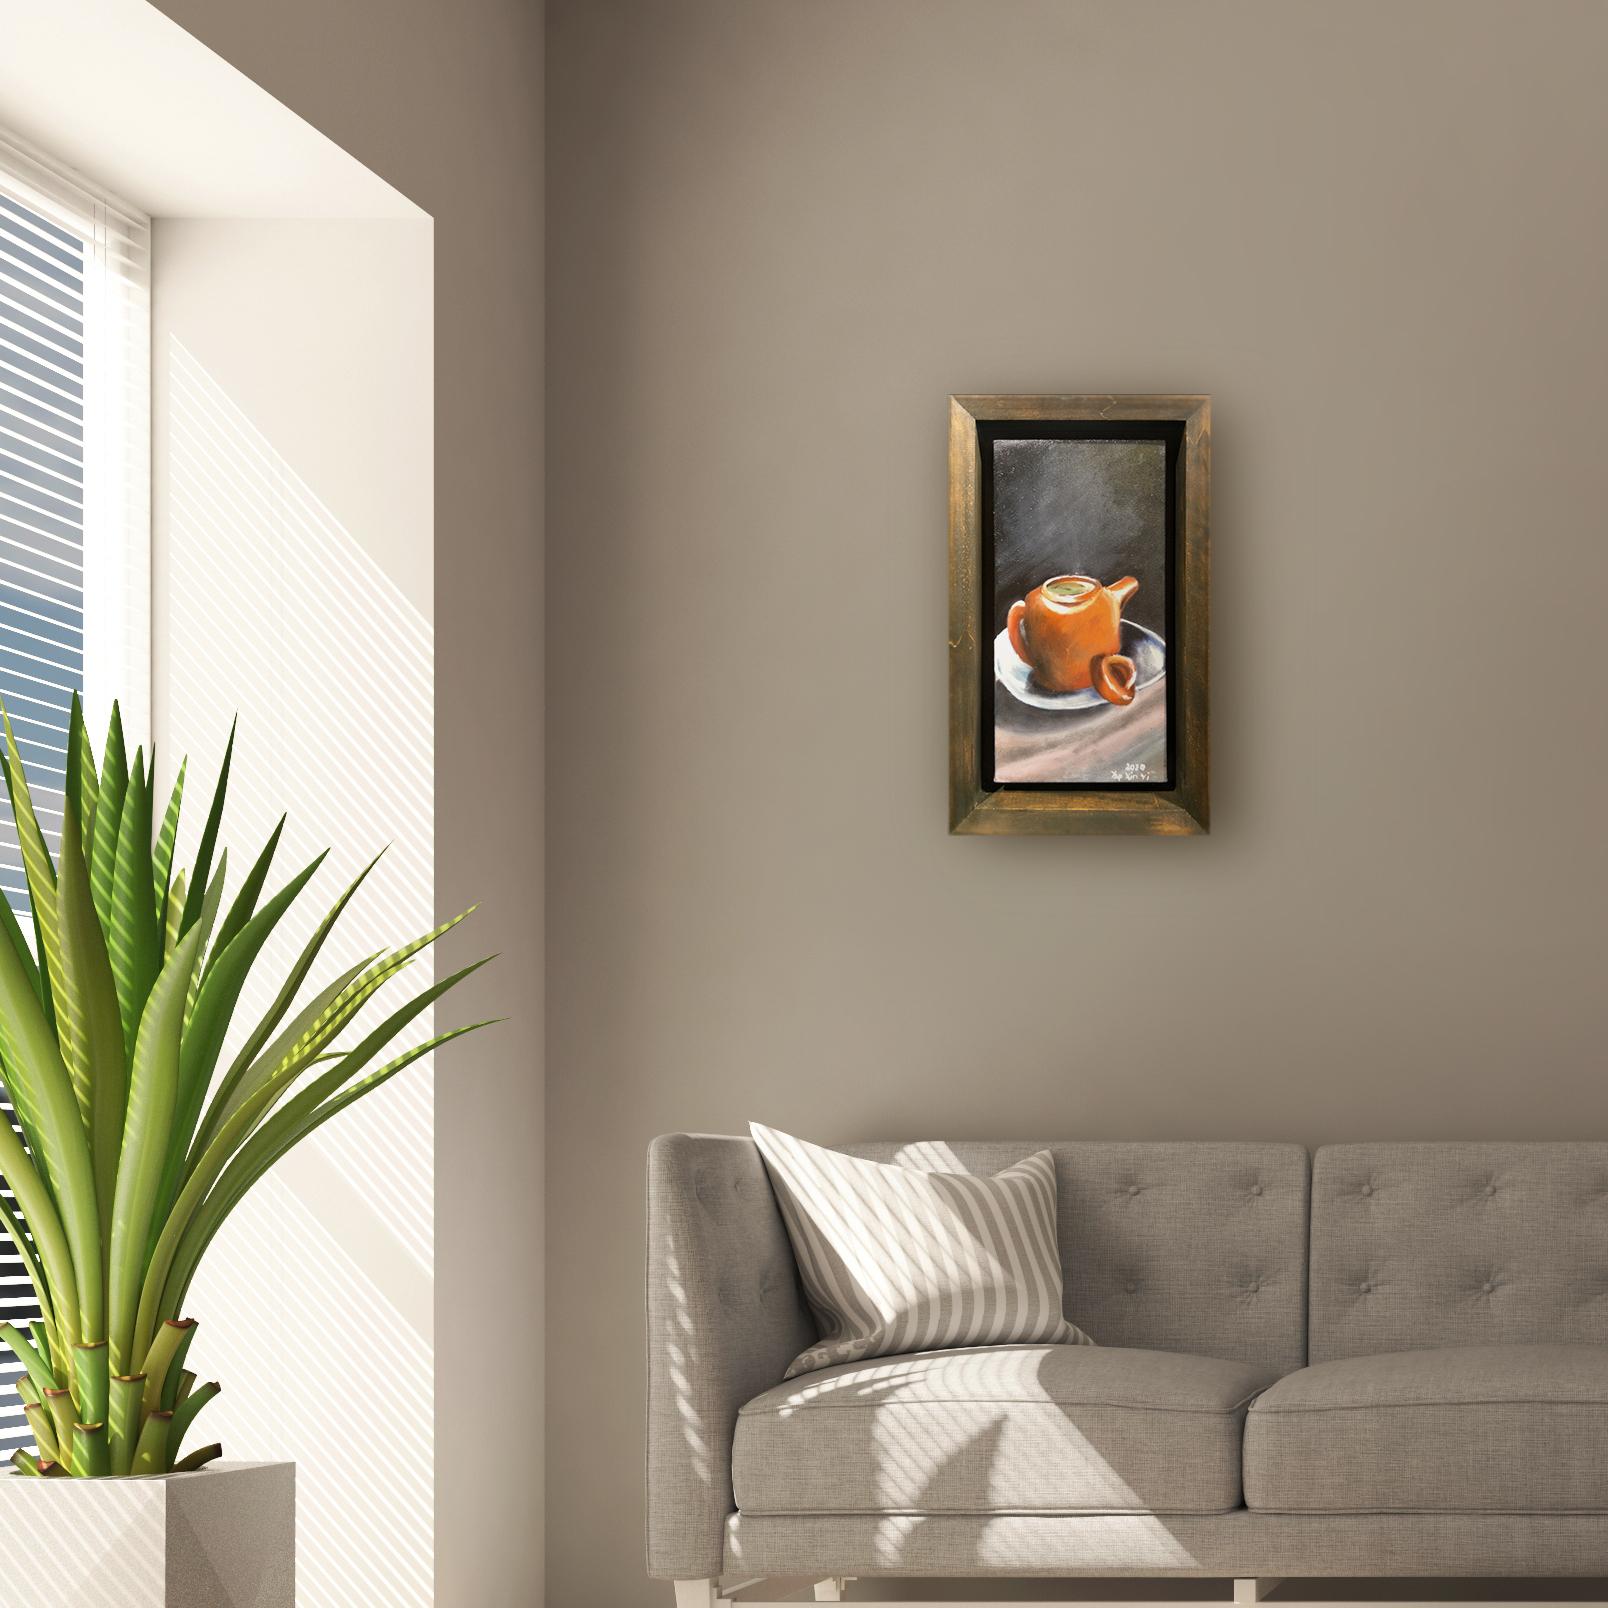 Zisha Pot Oil Painting By Yap Xin Yi 15.20 cm x 30.50 cm 紫砂壶油画 叶欣仪/绘